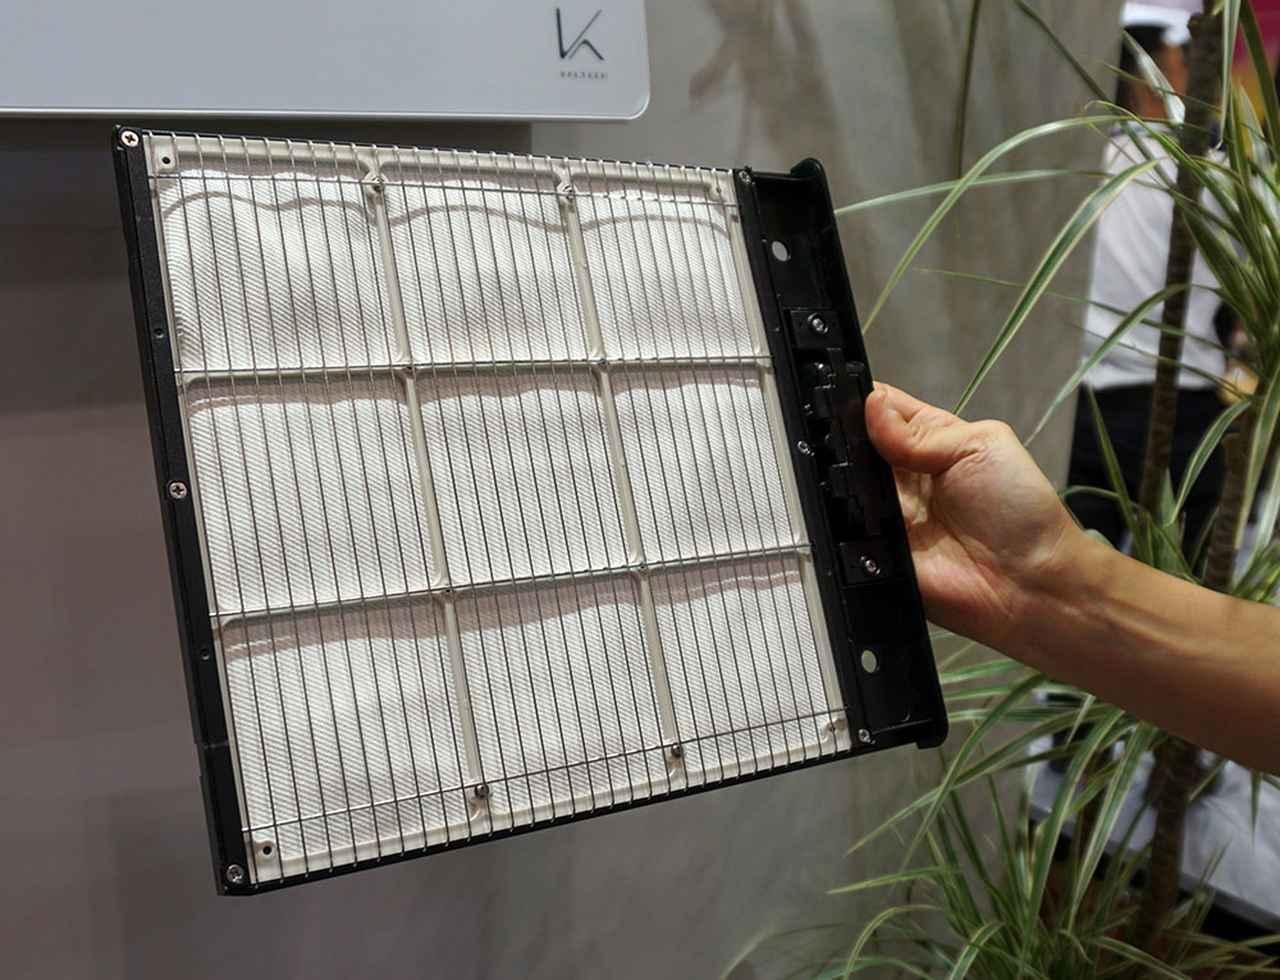 画像: 壁掛けタイプ「KL-W01」に搭載された光触媒フィルター。この表面を空気が通る際に雑菌や臭いの元を分解している